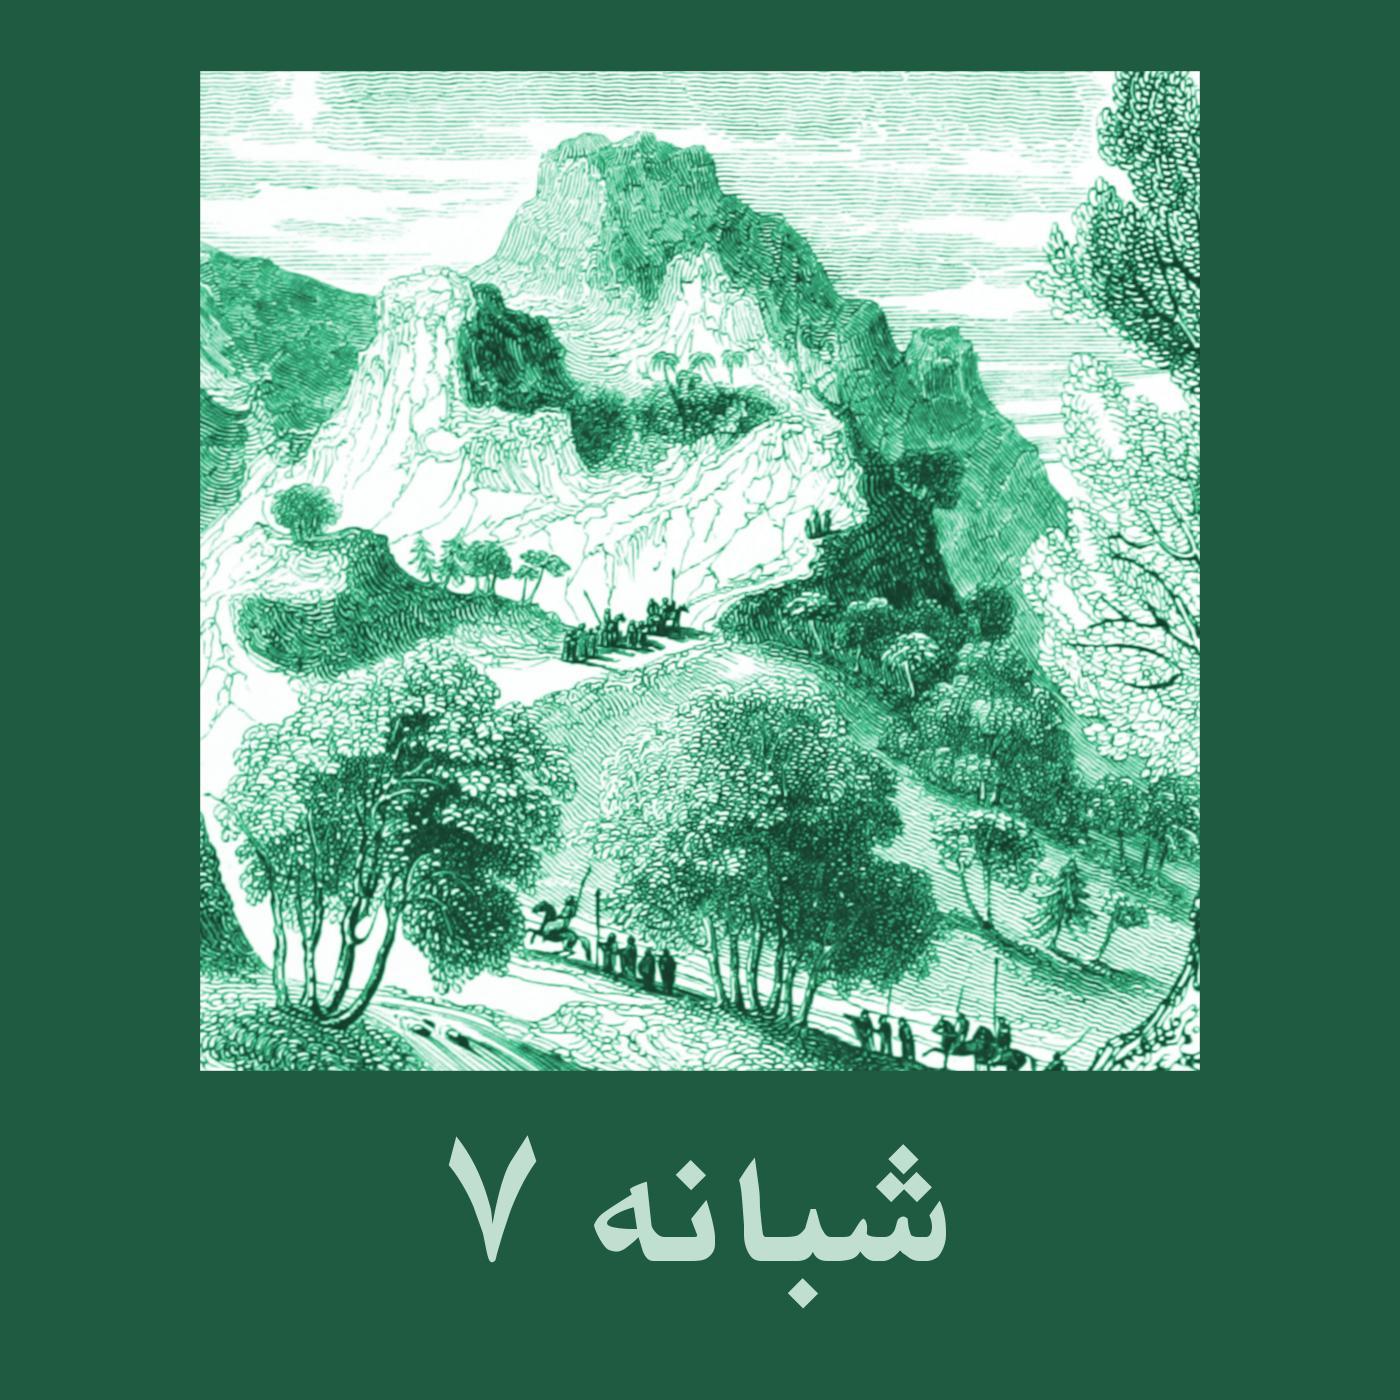 ابنبطوطه در ایران